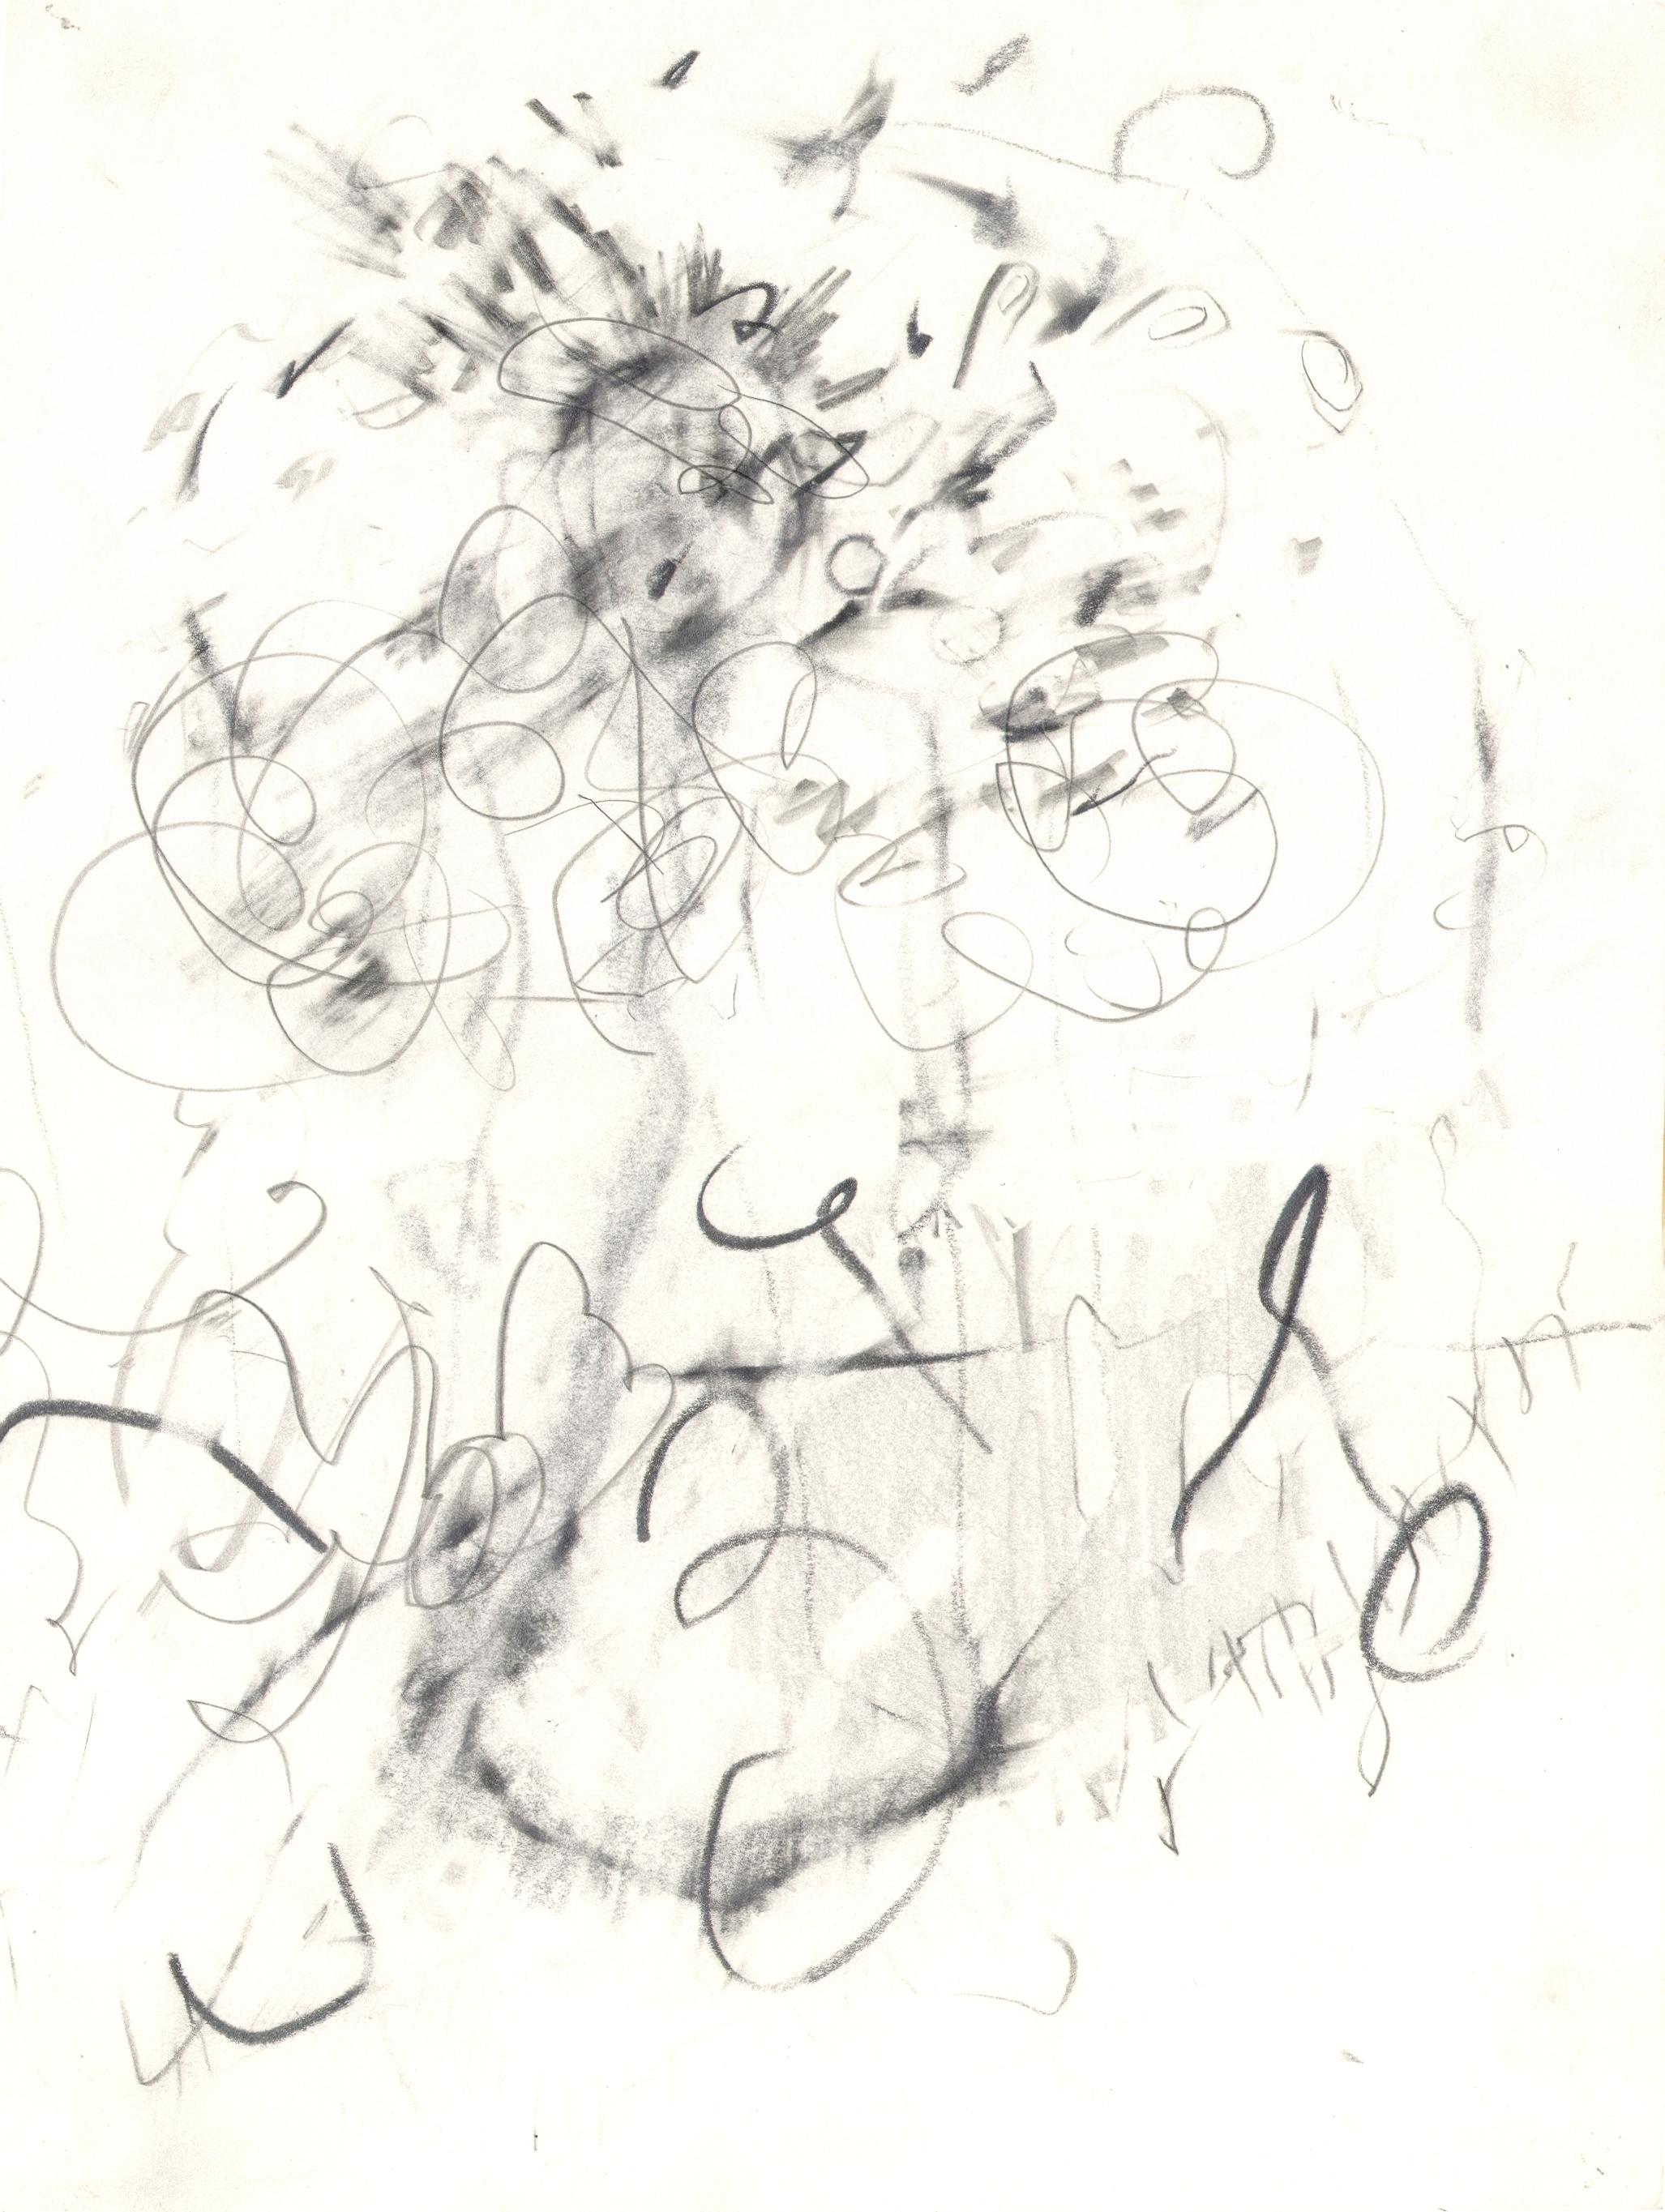 O.T ( Abstraktion II ), 2006  Bleistift auf Papier, 26x35.5cm